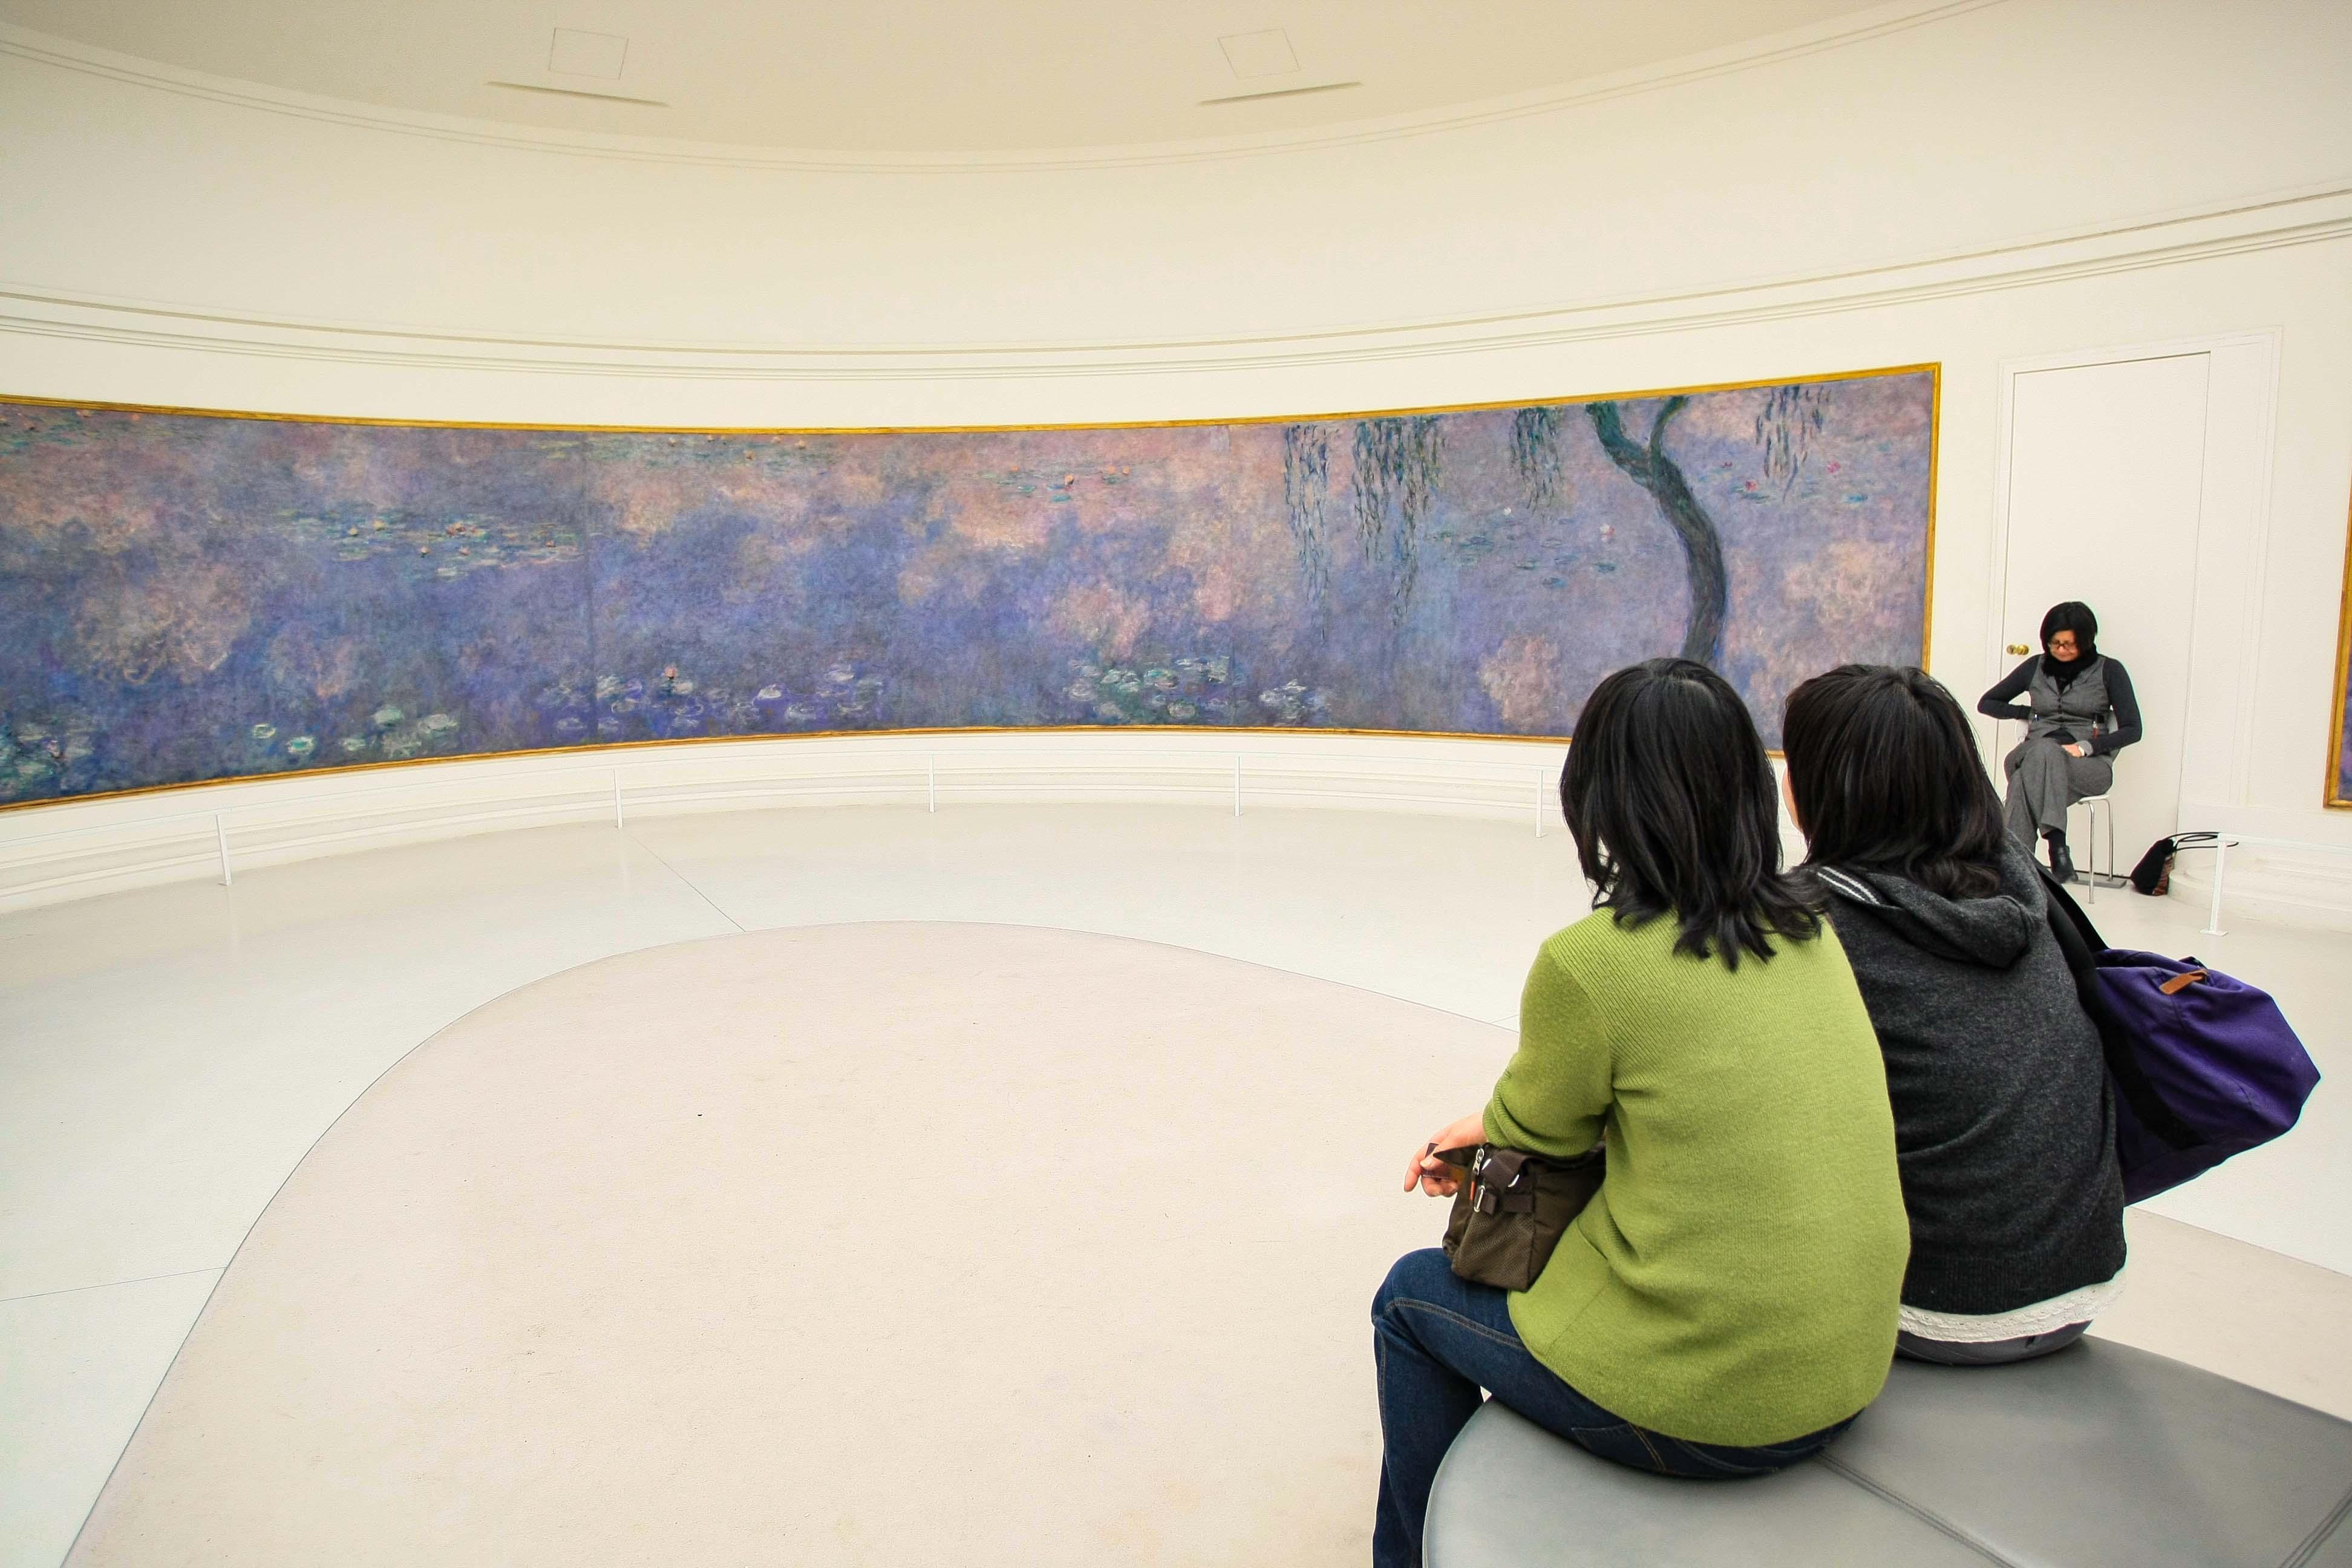 【フランス旅行】パリ オランジュリー美術館 睡蓮をぼーっと眺めるもよし